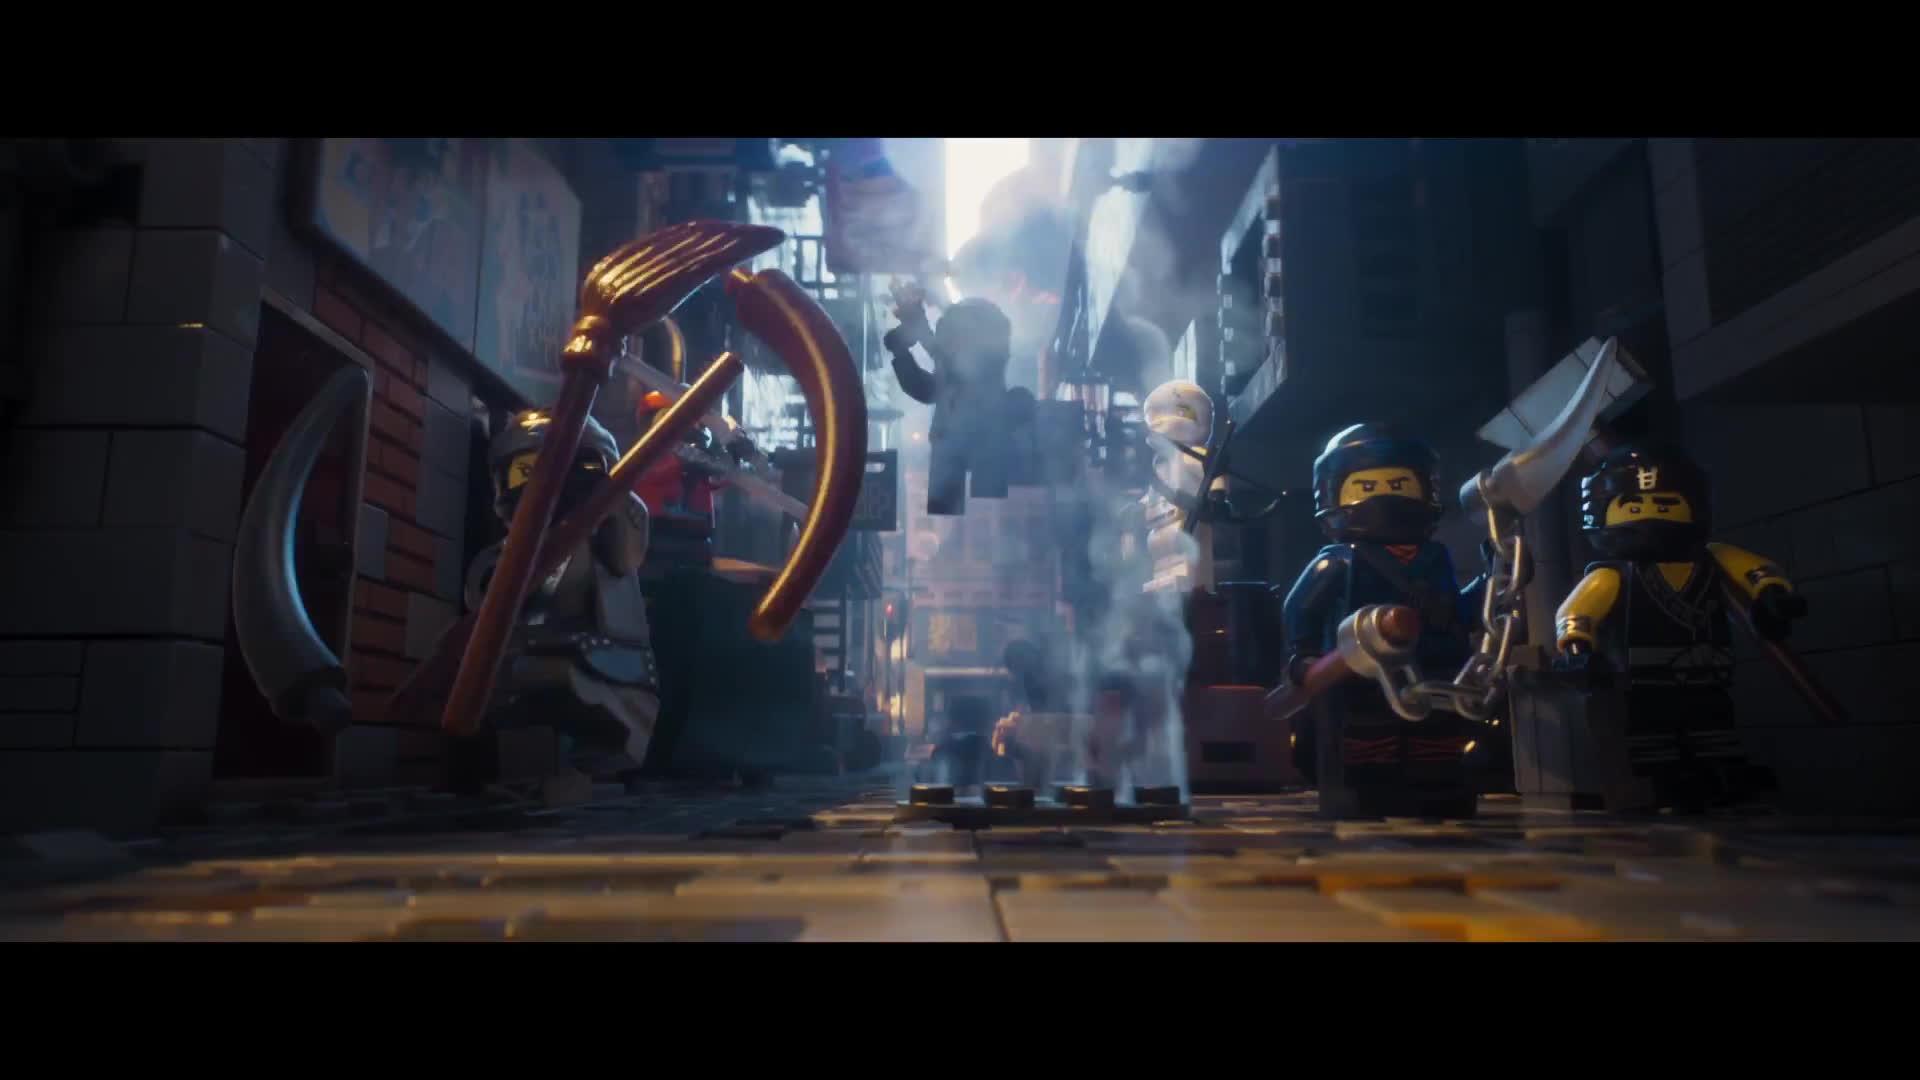 Cười té ghế với trailer mới nhất của siêu phẩm Lego Movie